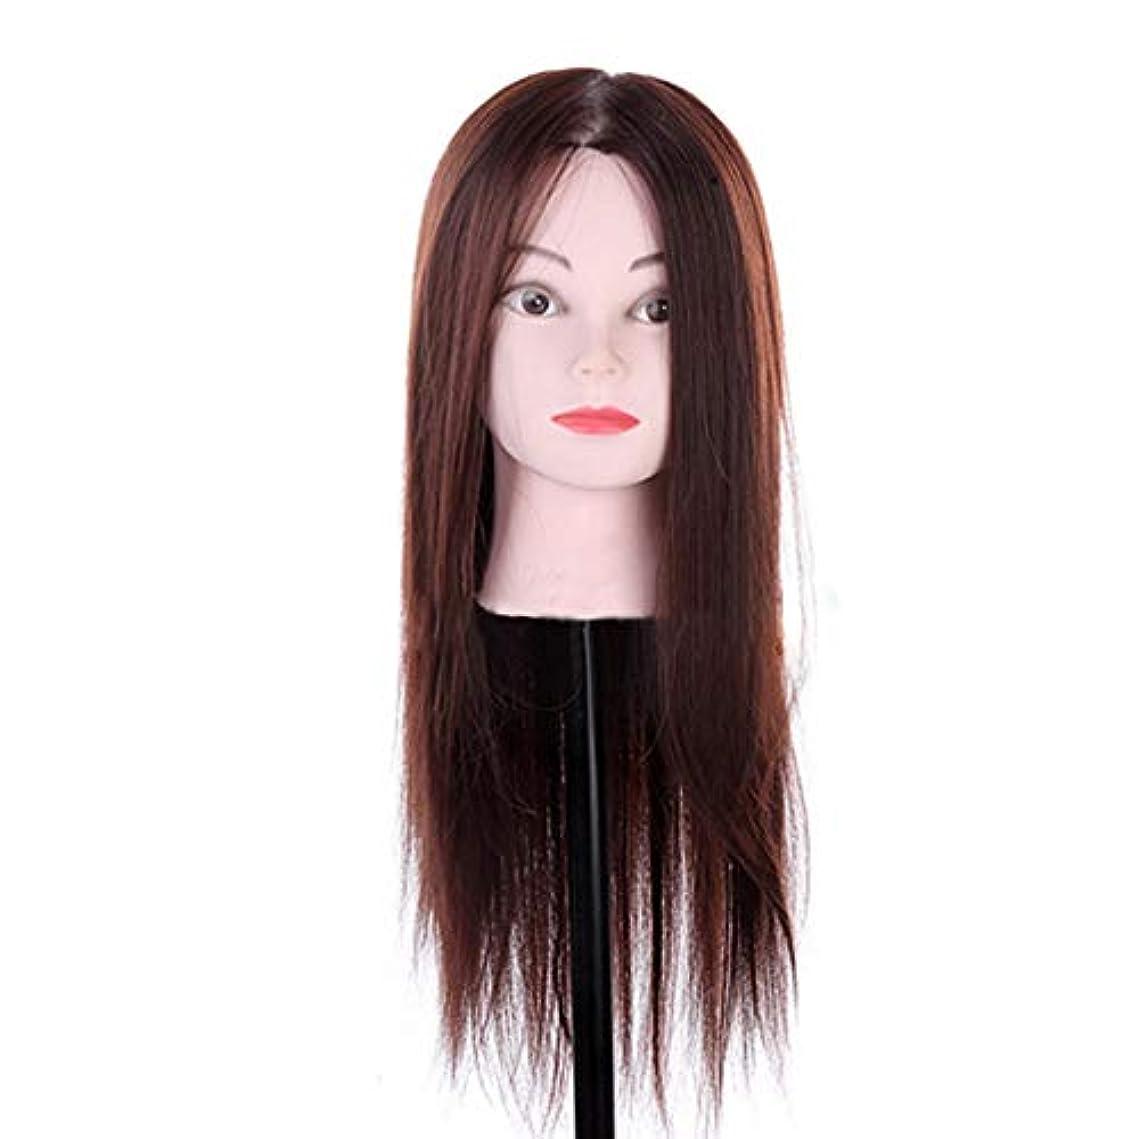 羽重量コレクションメイクアップエクササイズディスク髪編組ヘッド金型デュアルユースダミーヘッドモデルヘッド美容ヘアカットティーチングヘッドかつら